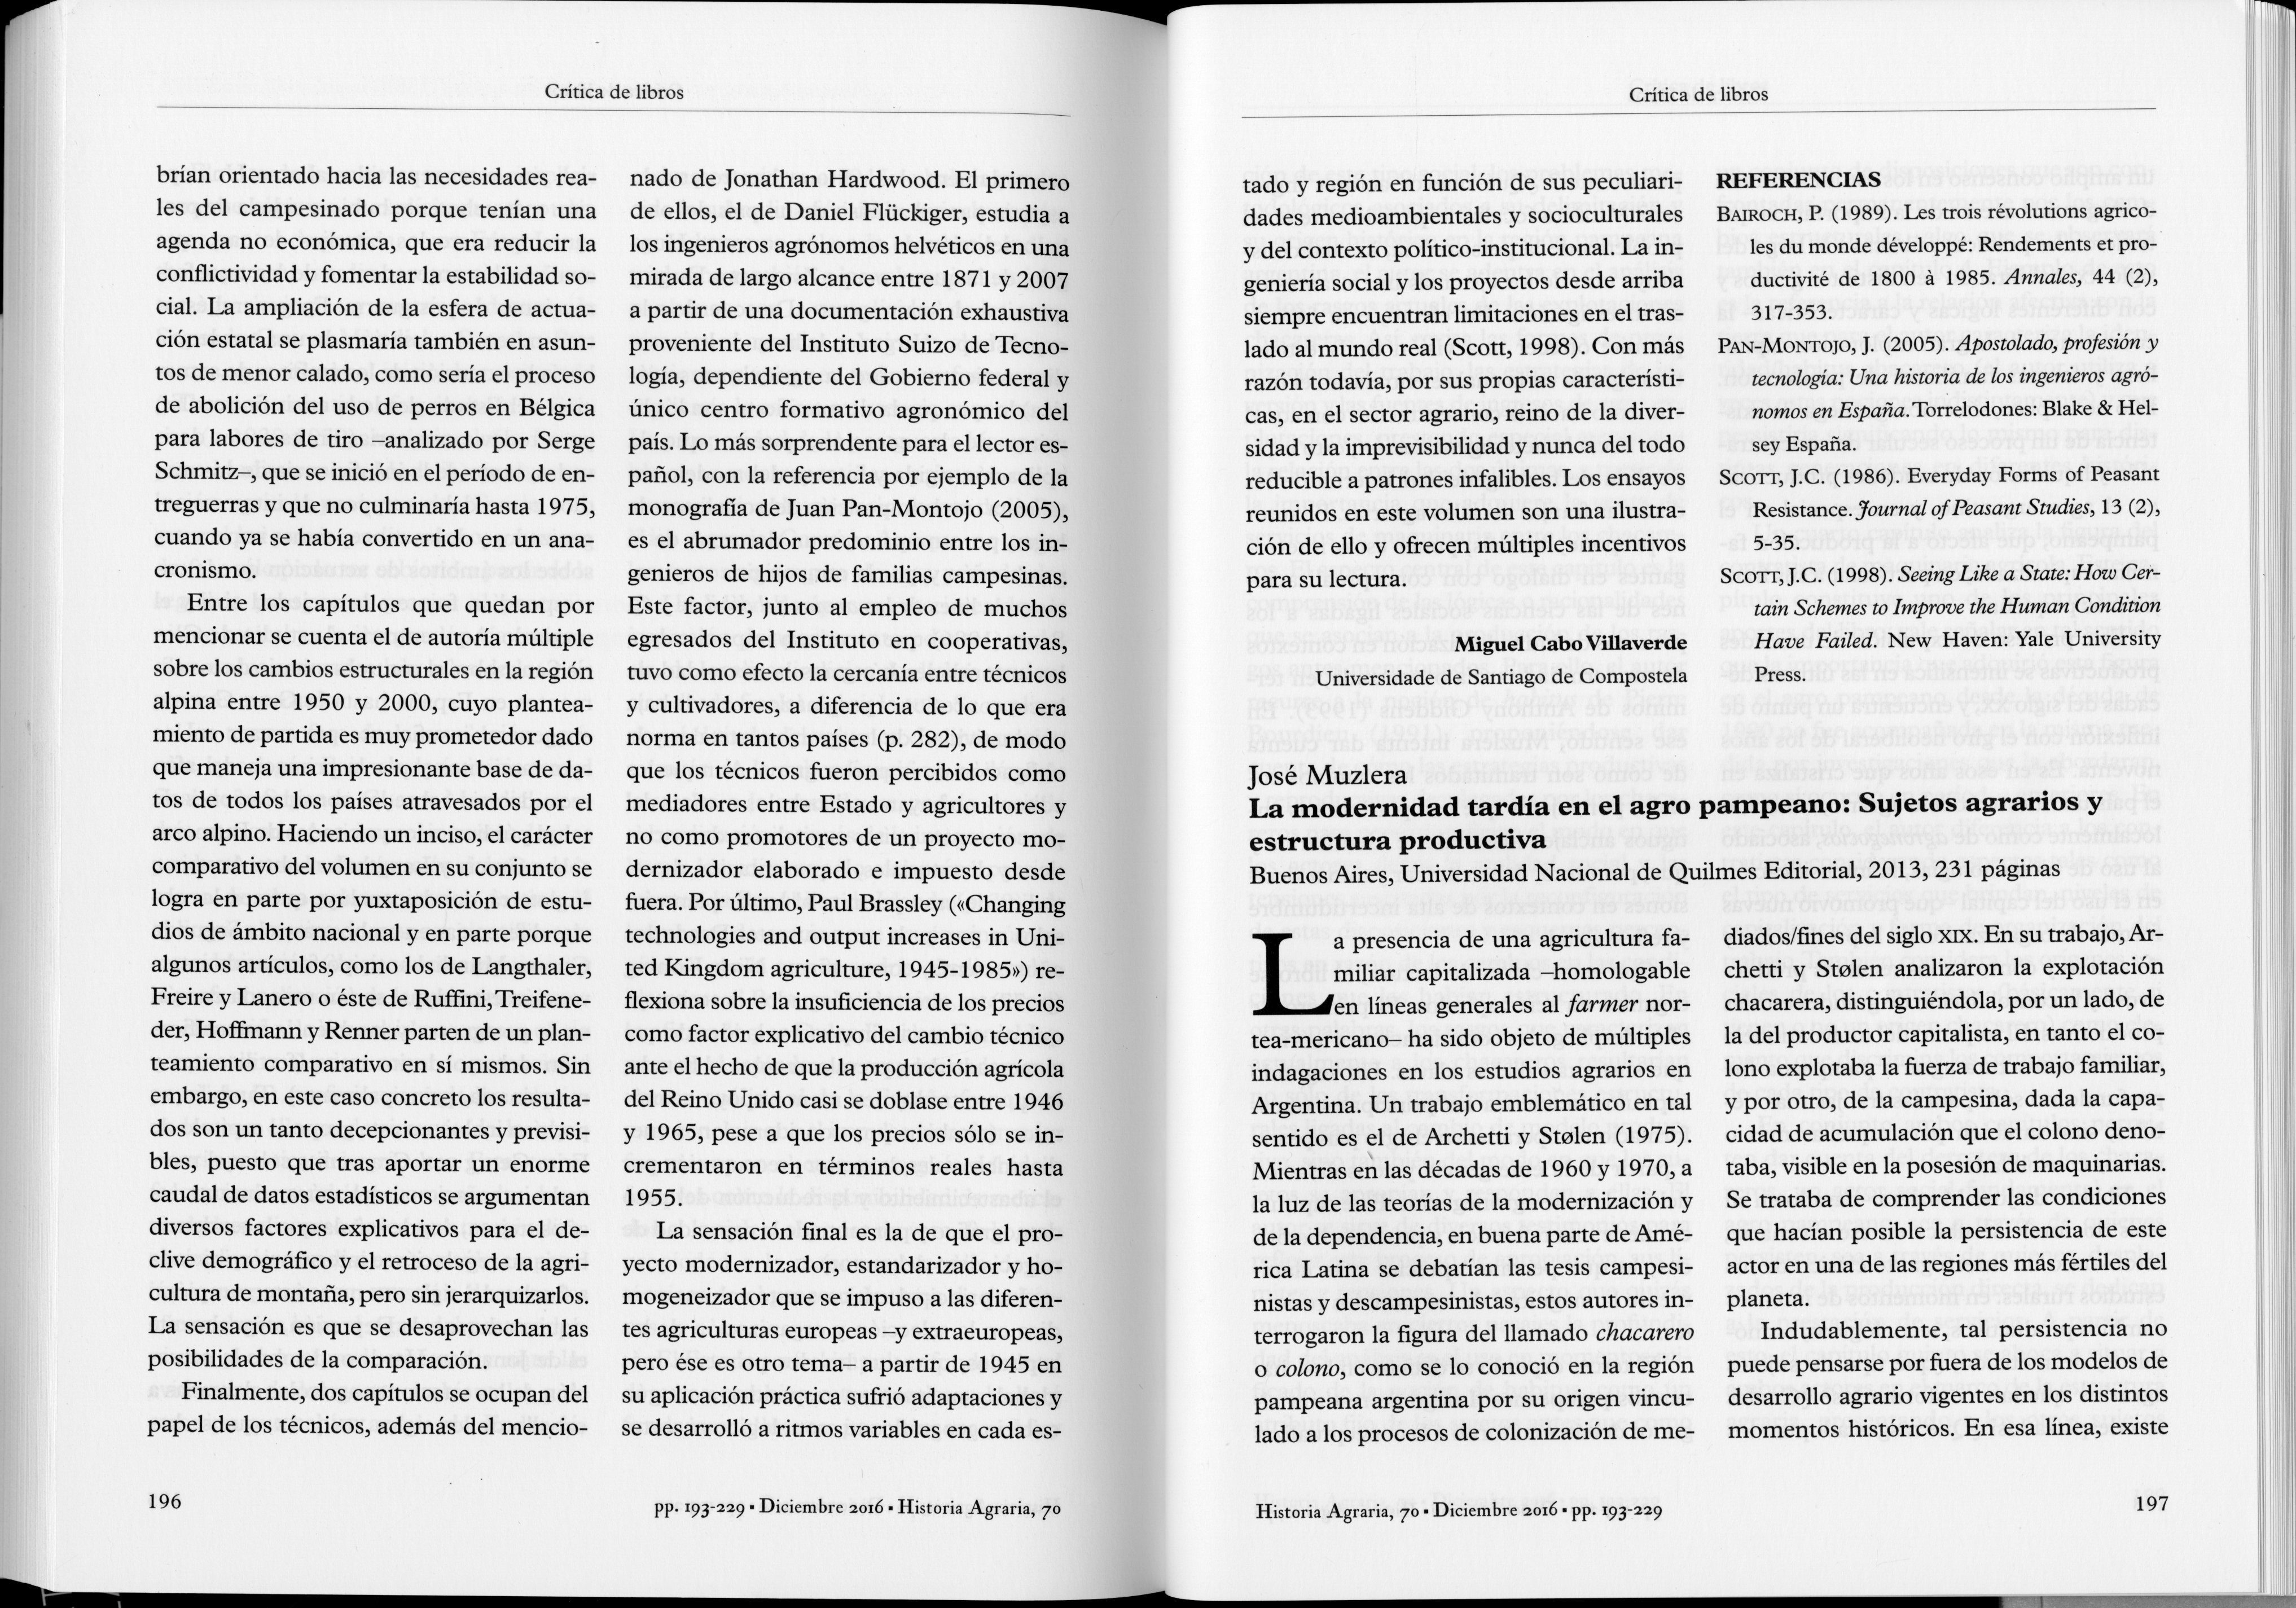 Reseña de La modernidad tardía en el agro pampeano